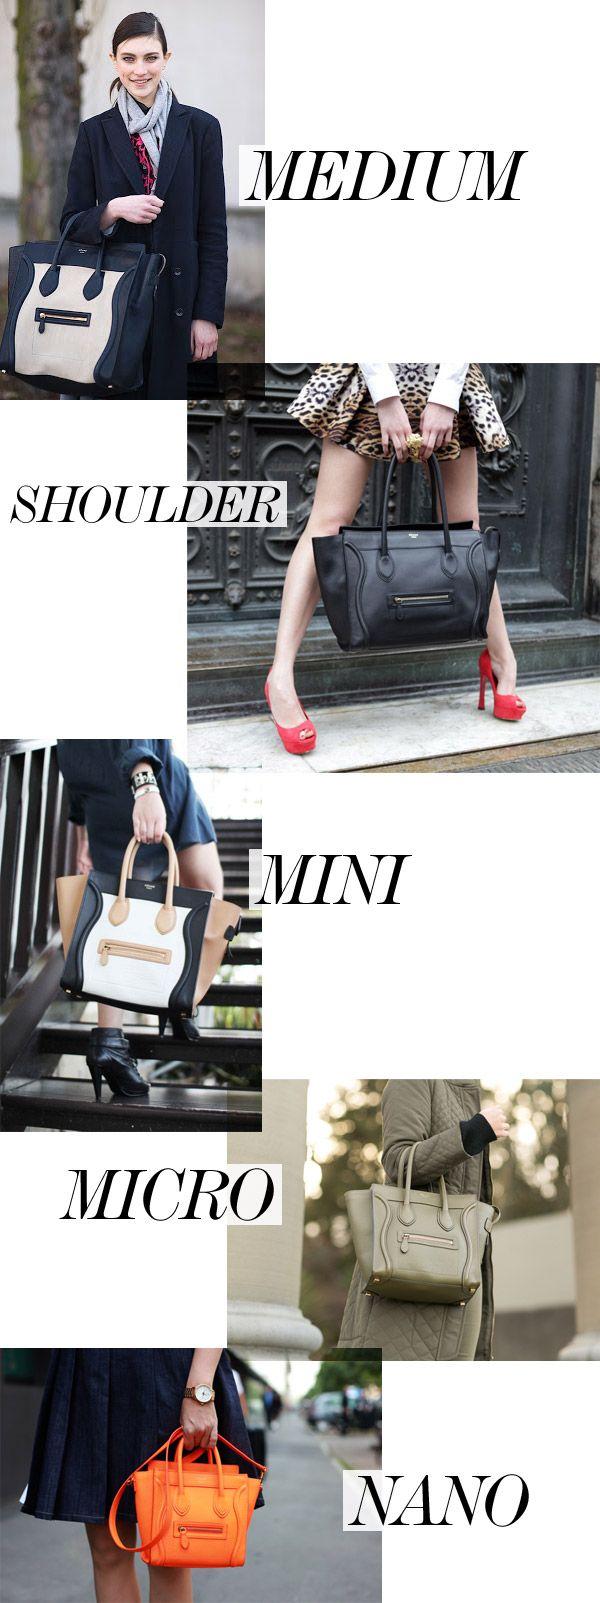 Celine-Luggage-Sizes